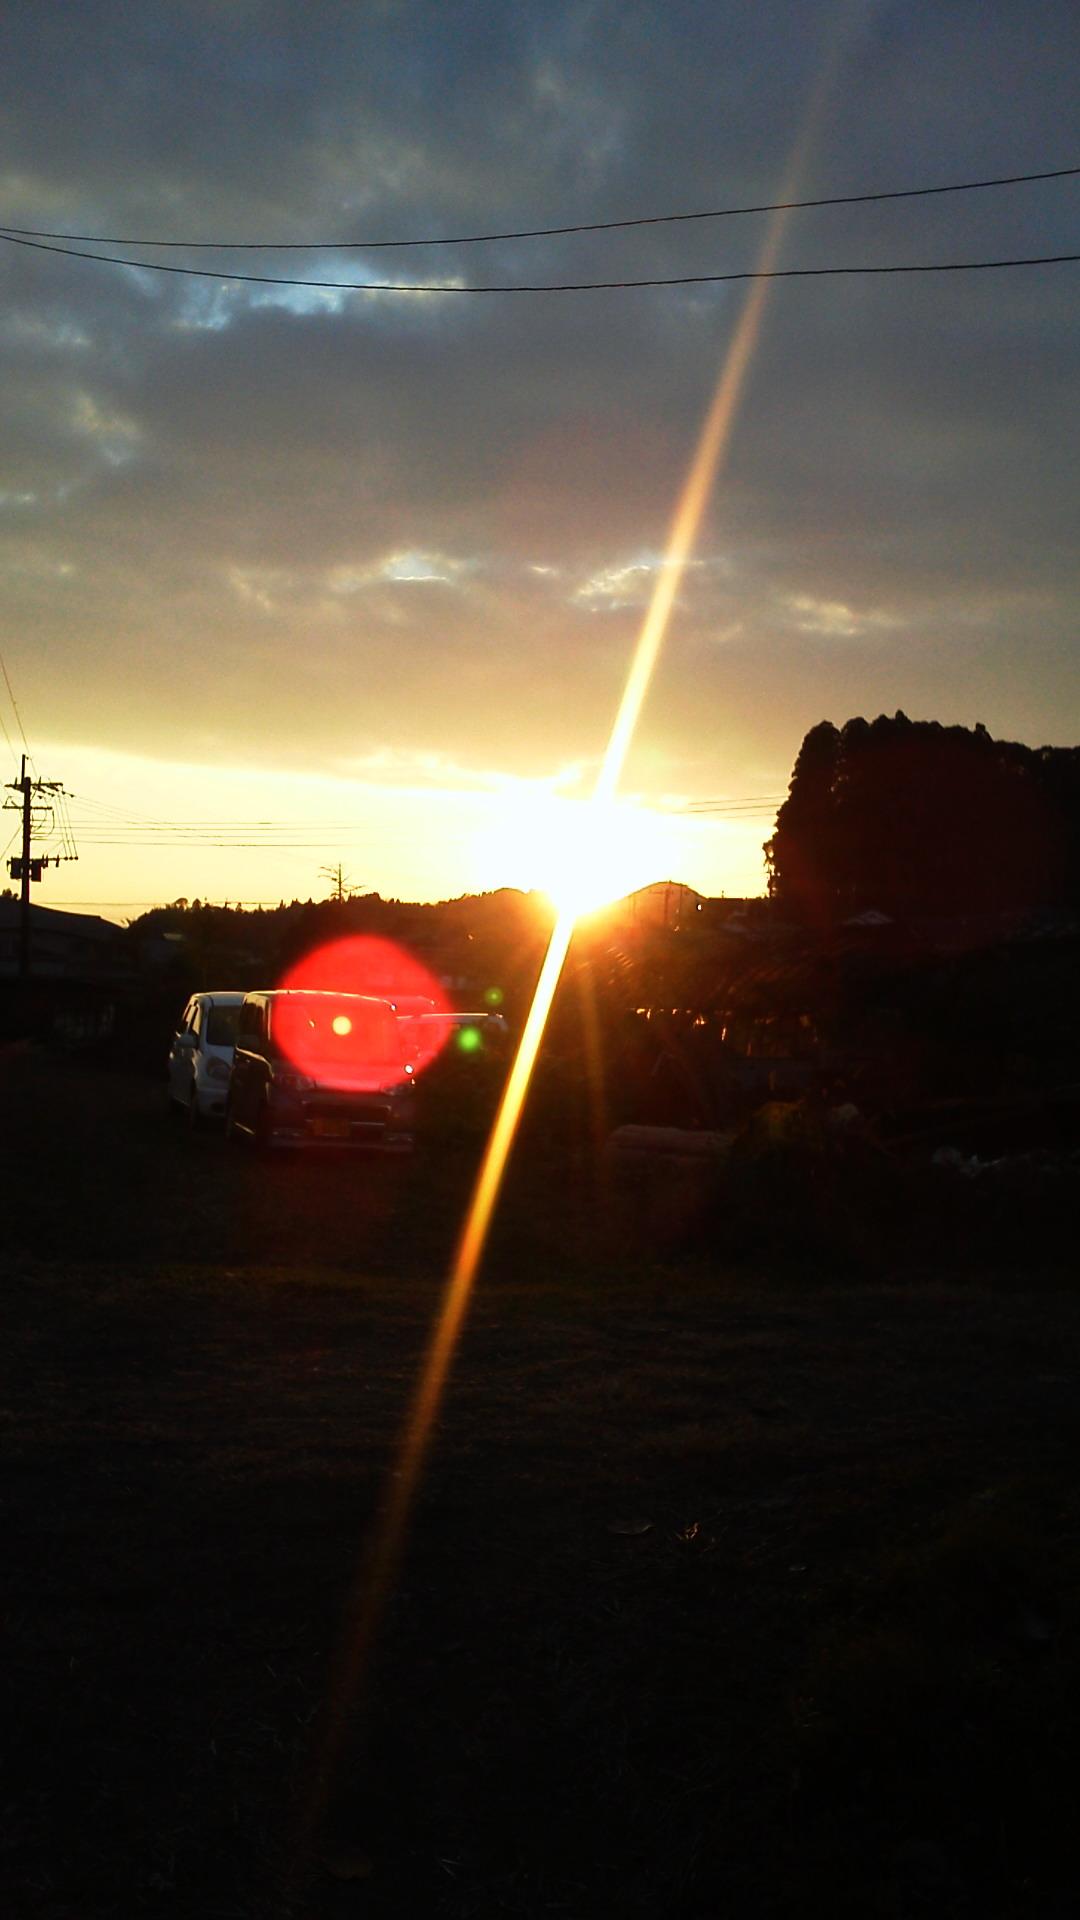 夕陽煌めいて・・☆_a0174458_0221253.jpg